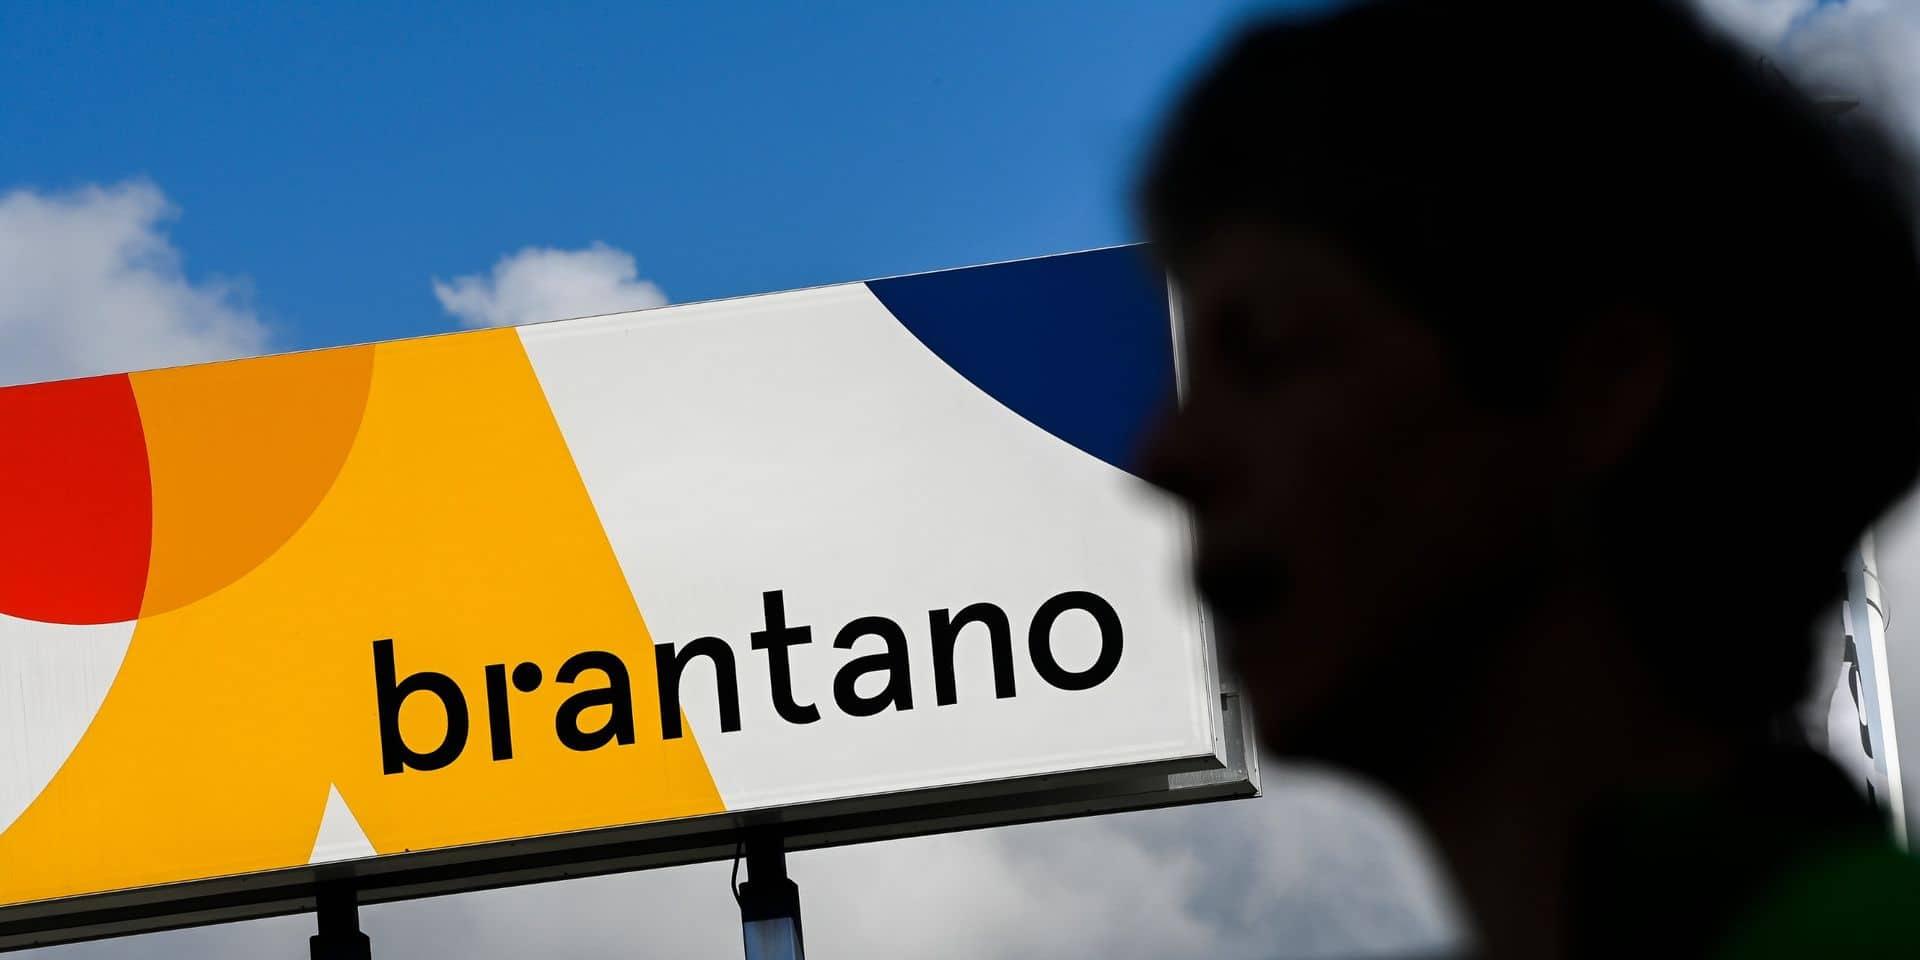 Reprise de Brantano : vanHaren ne reprendra que 38 magasins Brantano pour 250 emplois en Flandre